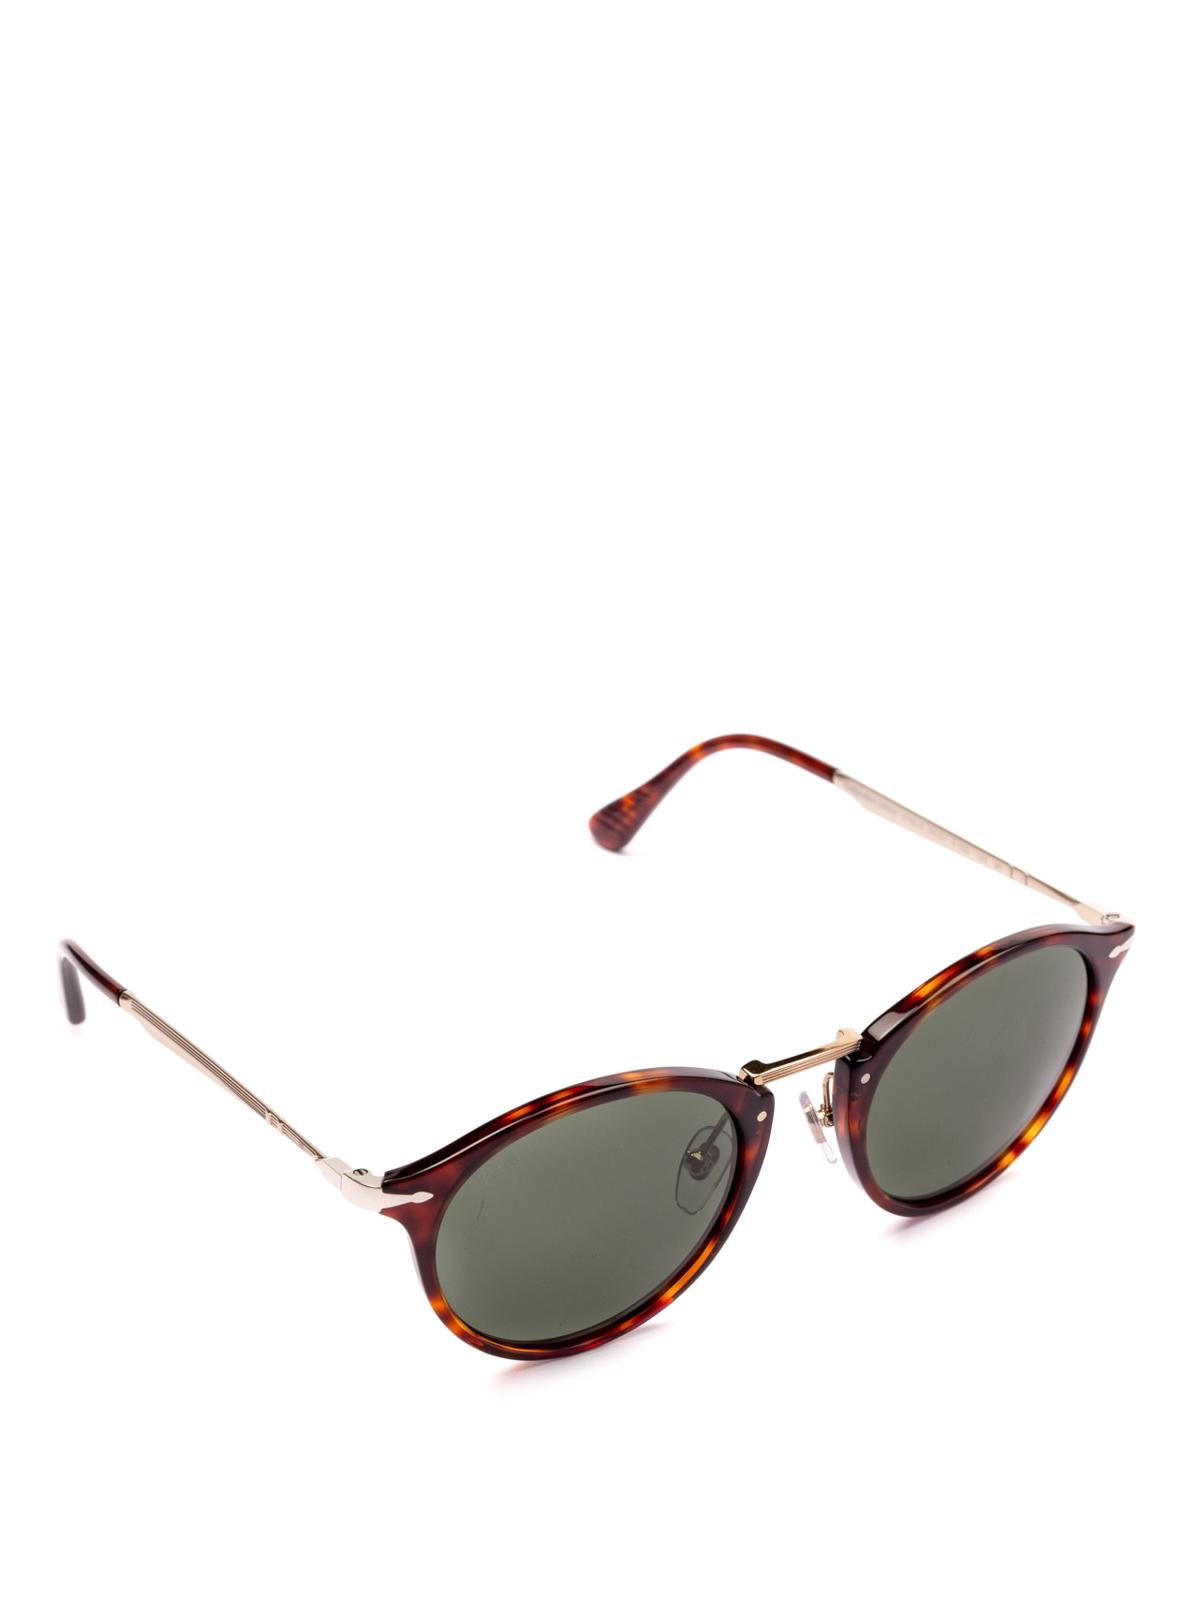 529591b135 Persol - Gafas De Sol - Marrón - Gafas de sol - 3166S 24 31   iKRIX.com